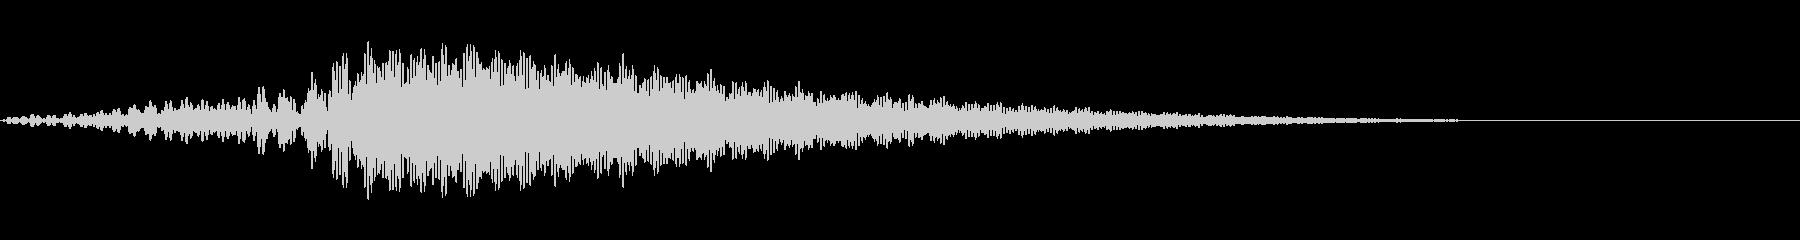 「ドゥワン」というダークな決定音の未再生の波形